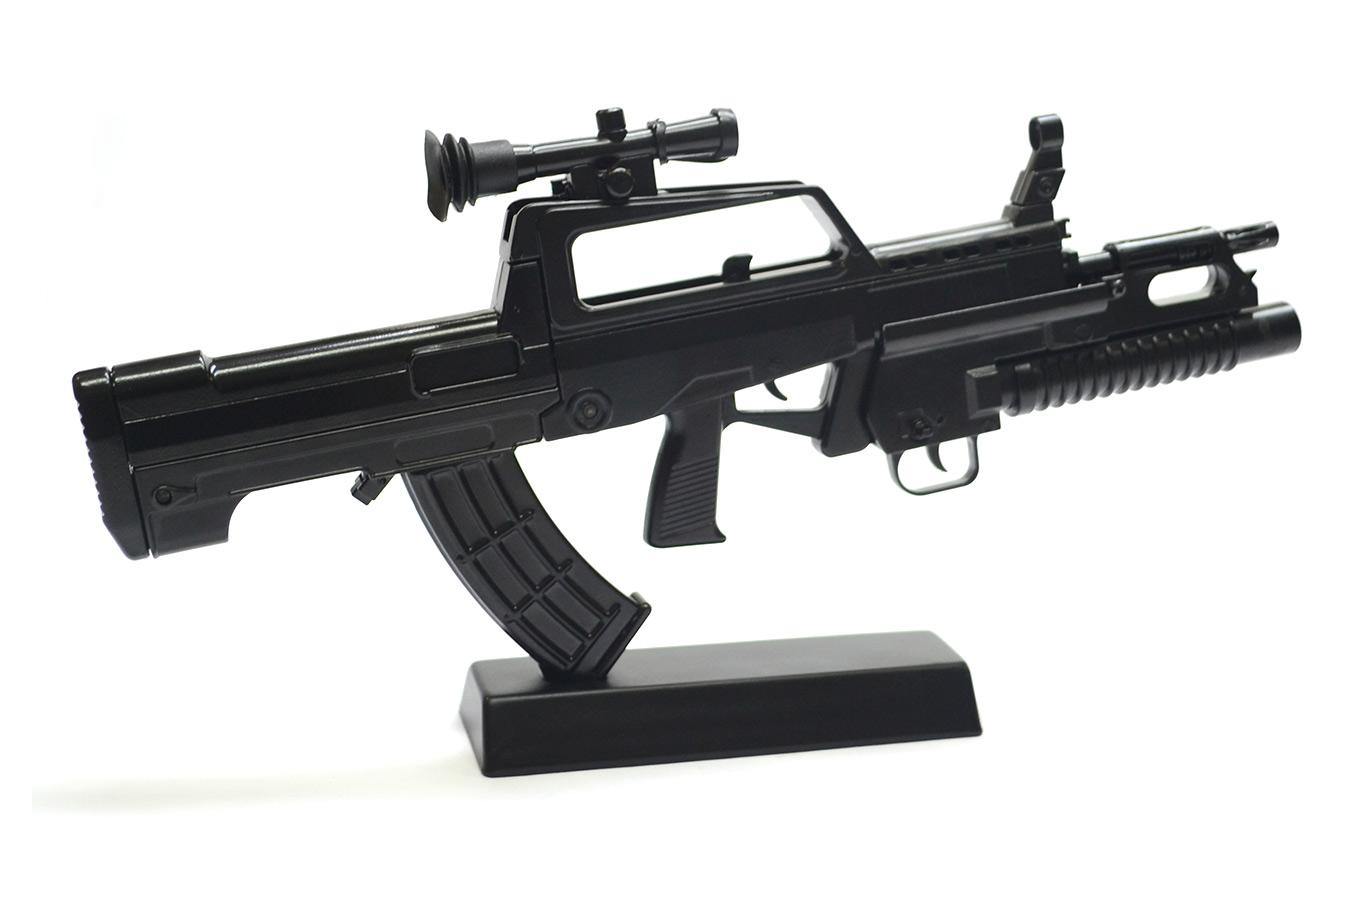 Макет штурмовой винтовки QBZ-95 / Type 95 в масштабе 1:3